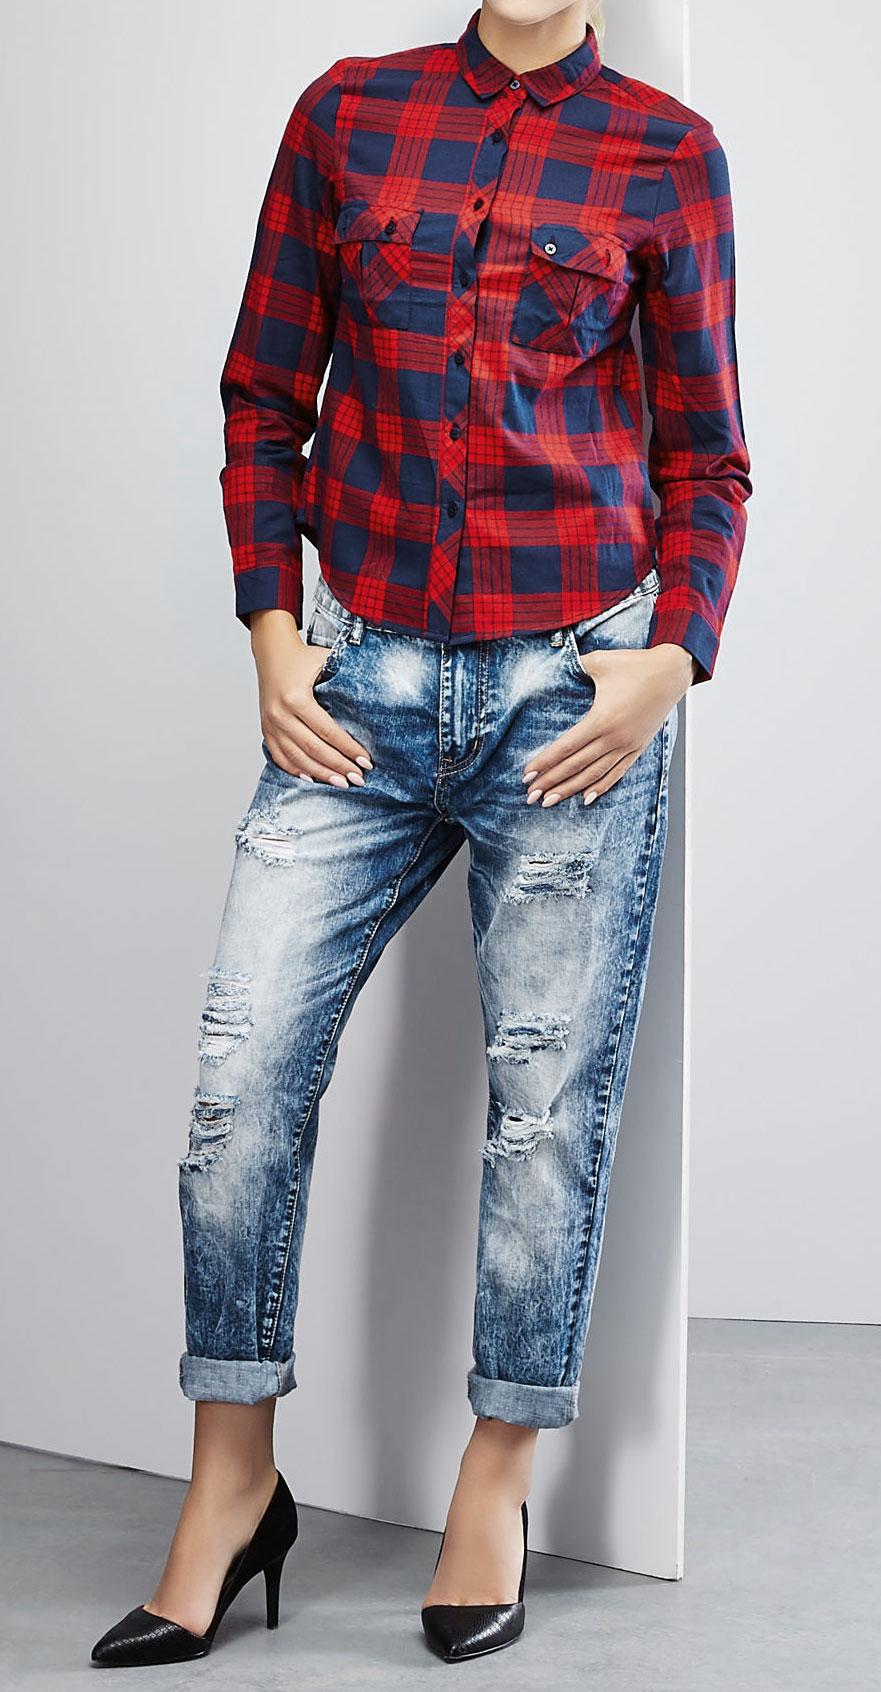 РубашкаZ-KO-1823_BLACKСтильная женская рубашка Moodo, выполненная из натурального хлопка, прекрасно подойдет для повседневной носки. Материал очень мягкий и приятный на ощупь, не сковывает движения и позволяет коже дышать. Рубашка прямого кроя с длинными рукавами и отложным воротником застегивается на пуговицы по всей длине. На груди модели предусмотрены два накладных кармана с клапанами на пуговицах. Манжеты рукавов также застегиваются на пуговицы. Изделие оформлено принтом в клетку. Такая модель будет дарить вам комфорт в течение всего дня и станет модным дополнением к вашему гардеробу.